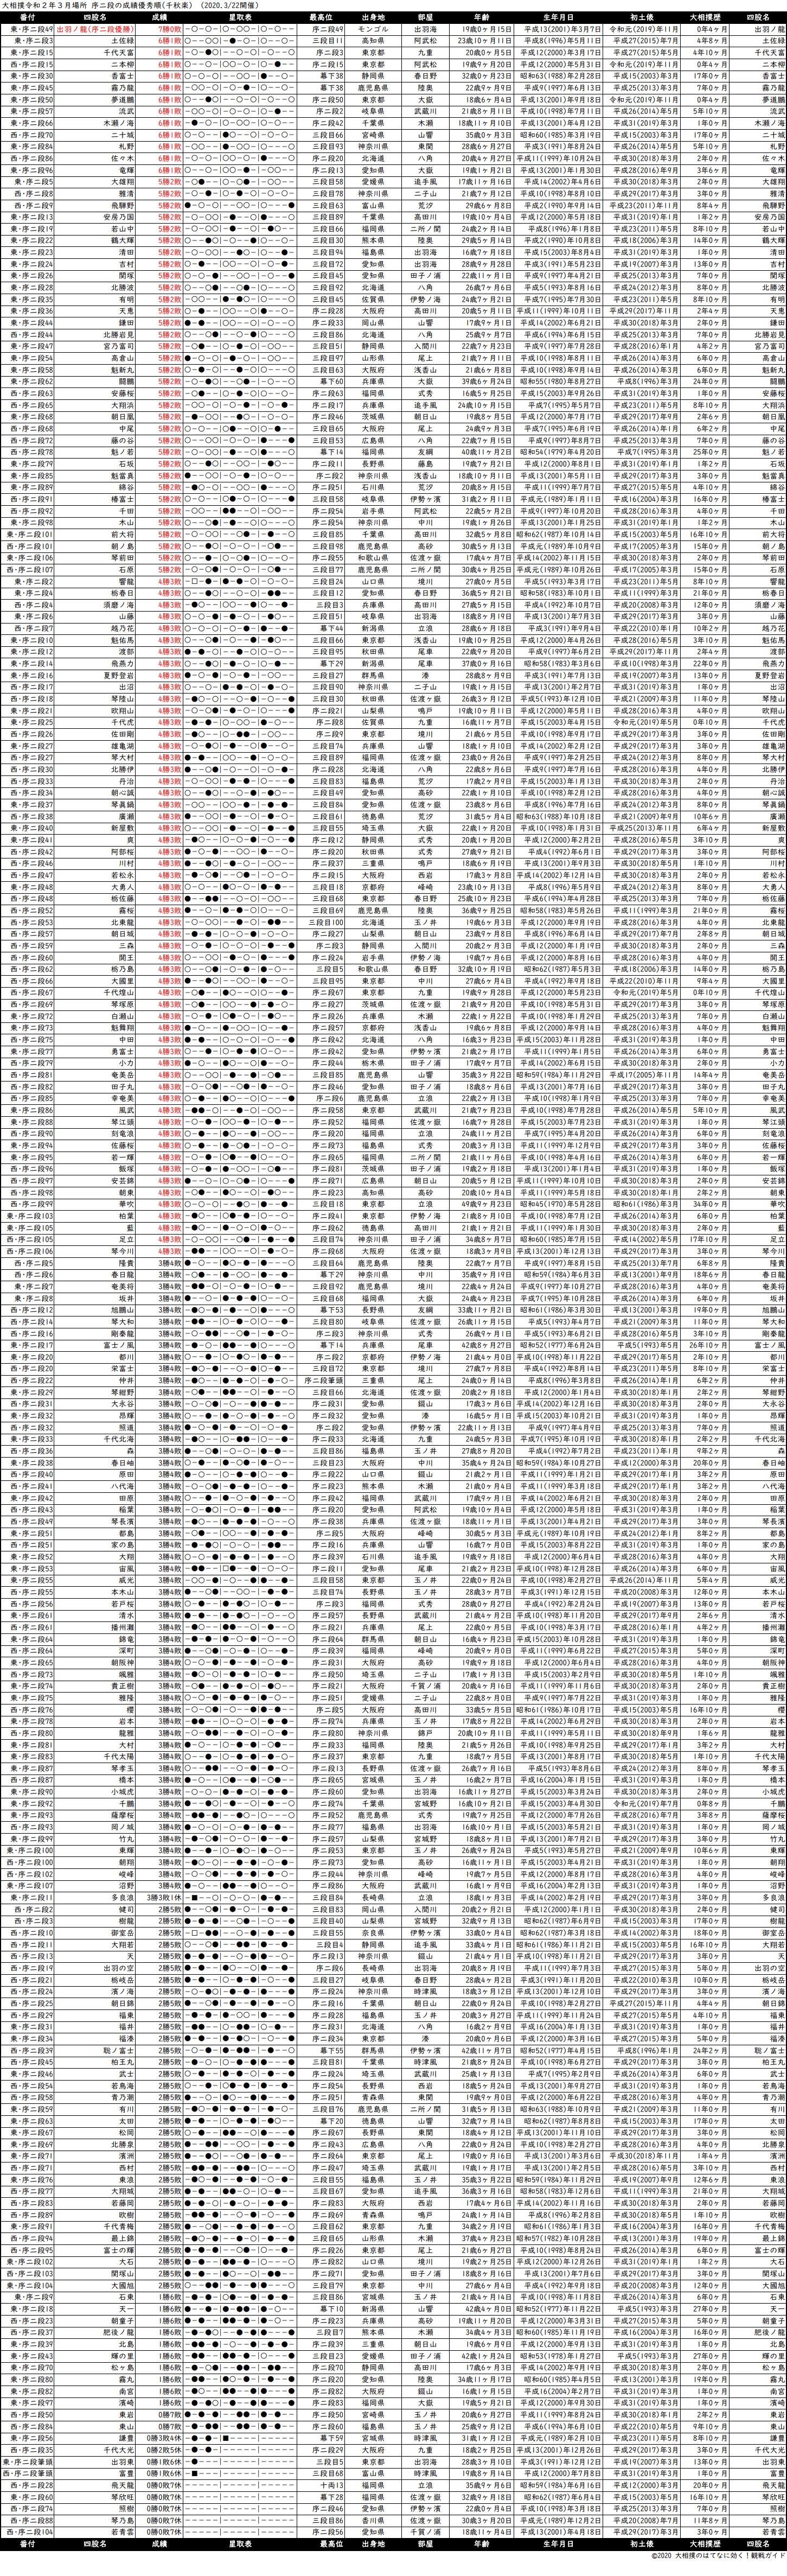 序二段成績順一覧表・2020年3月場所千秋楽